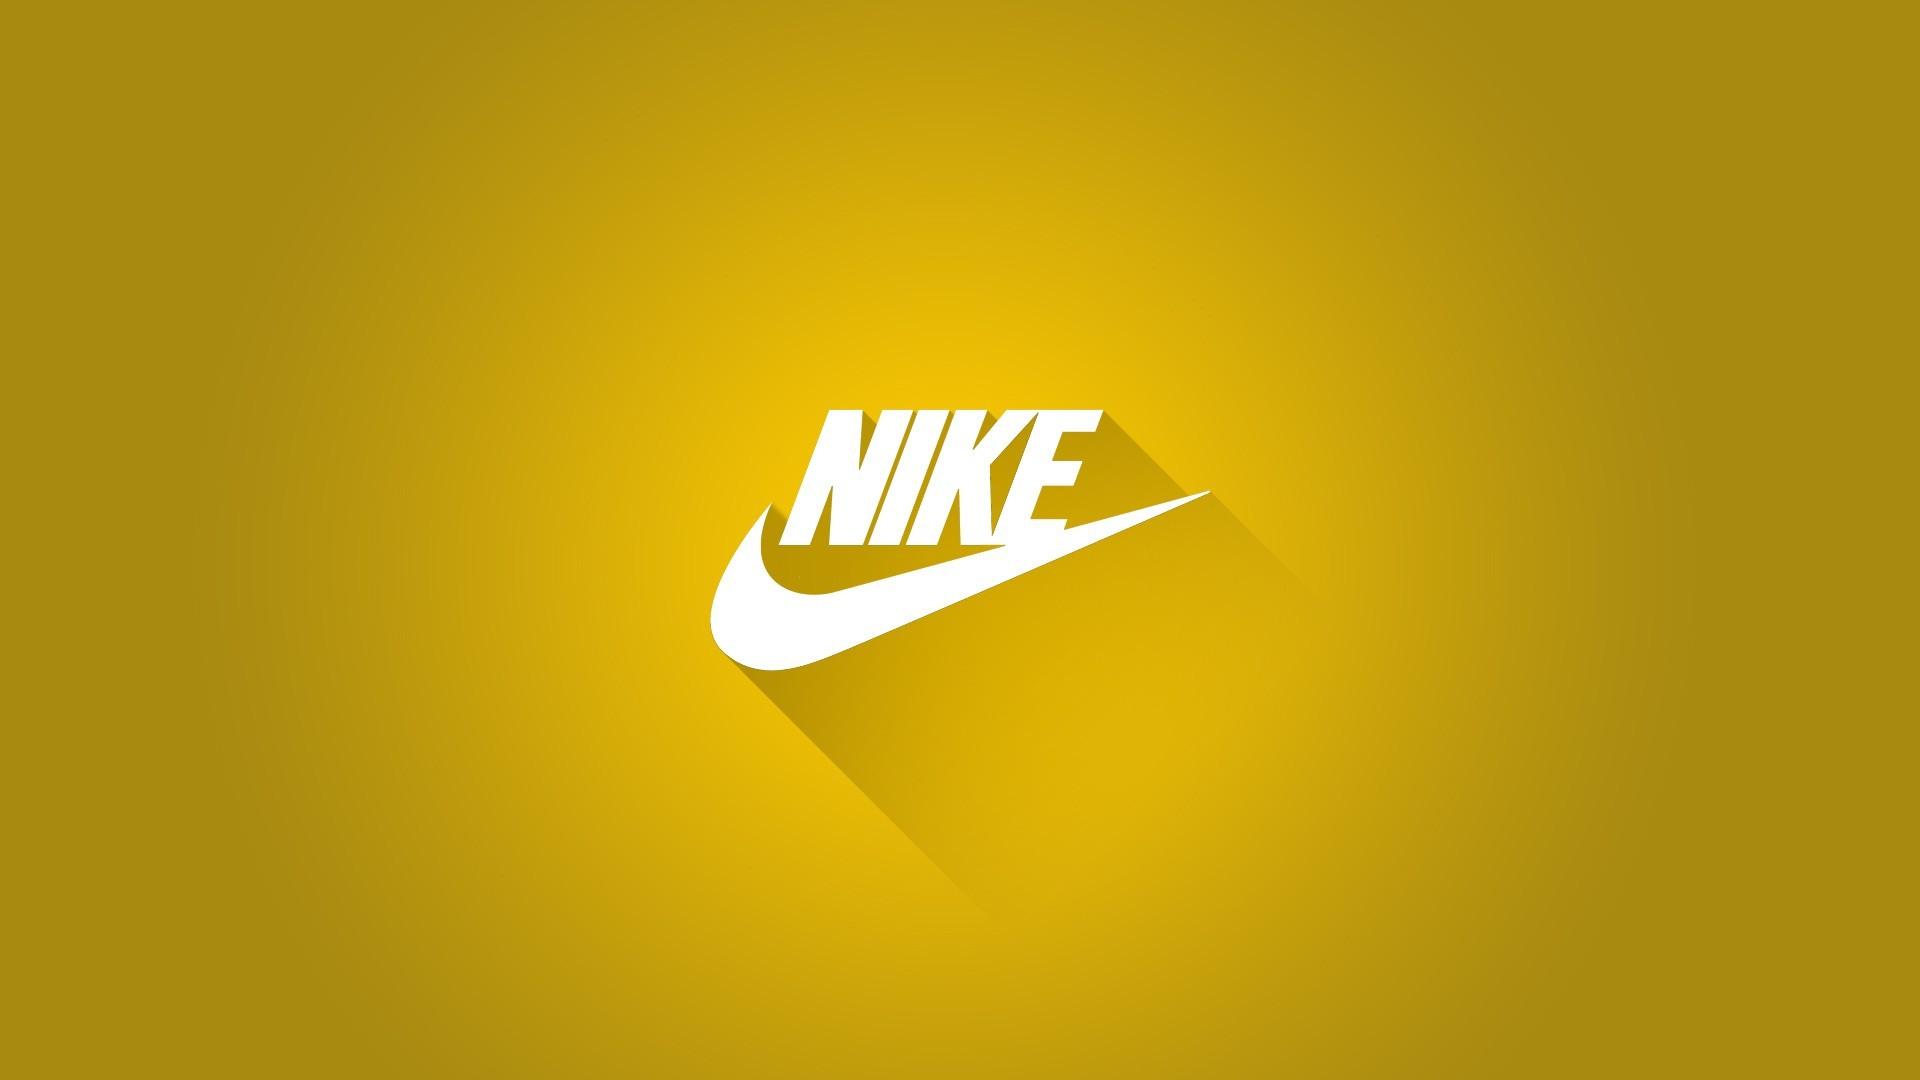 Nike Sports Brand Company Full HD Logo